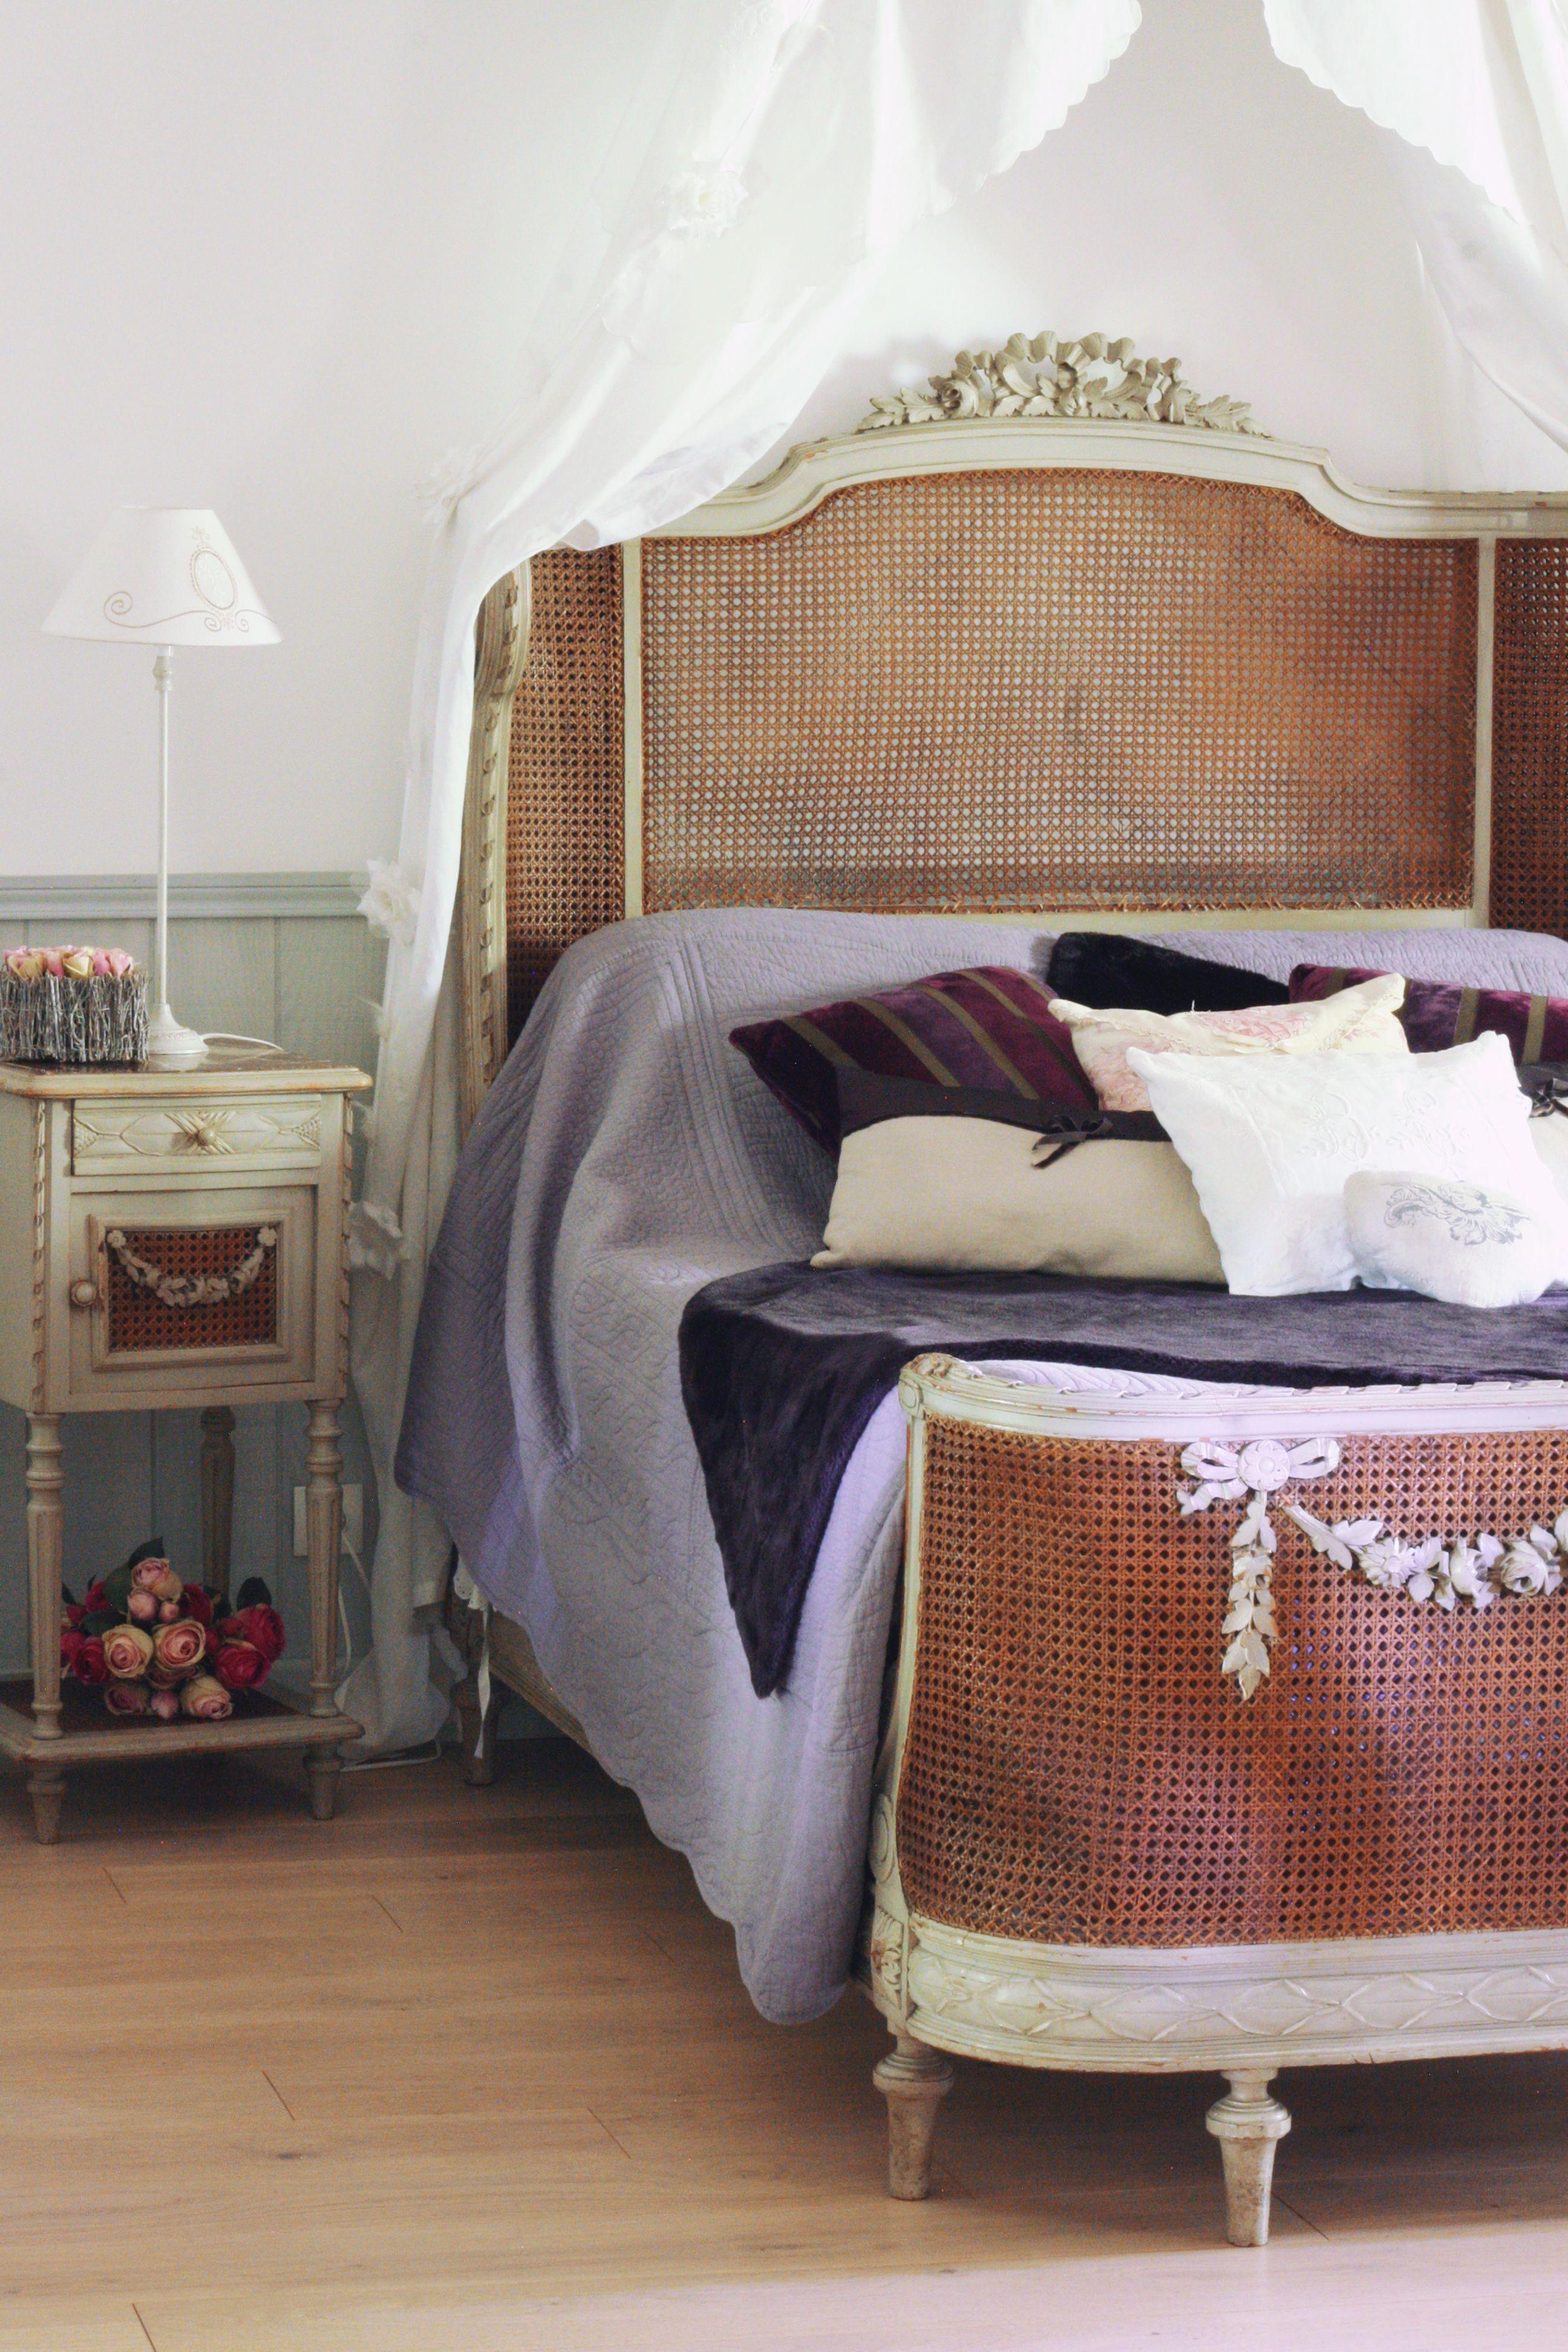 Evelyne Warchol S Home Le Bonheur A La Campagne Guest House Champagne Ardenne Antique Decor Mise En Scene Jardin Dec Decoration Champagne Ardenne Gite